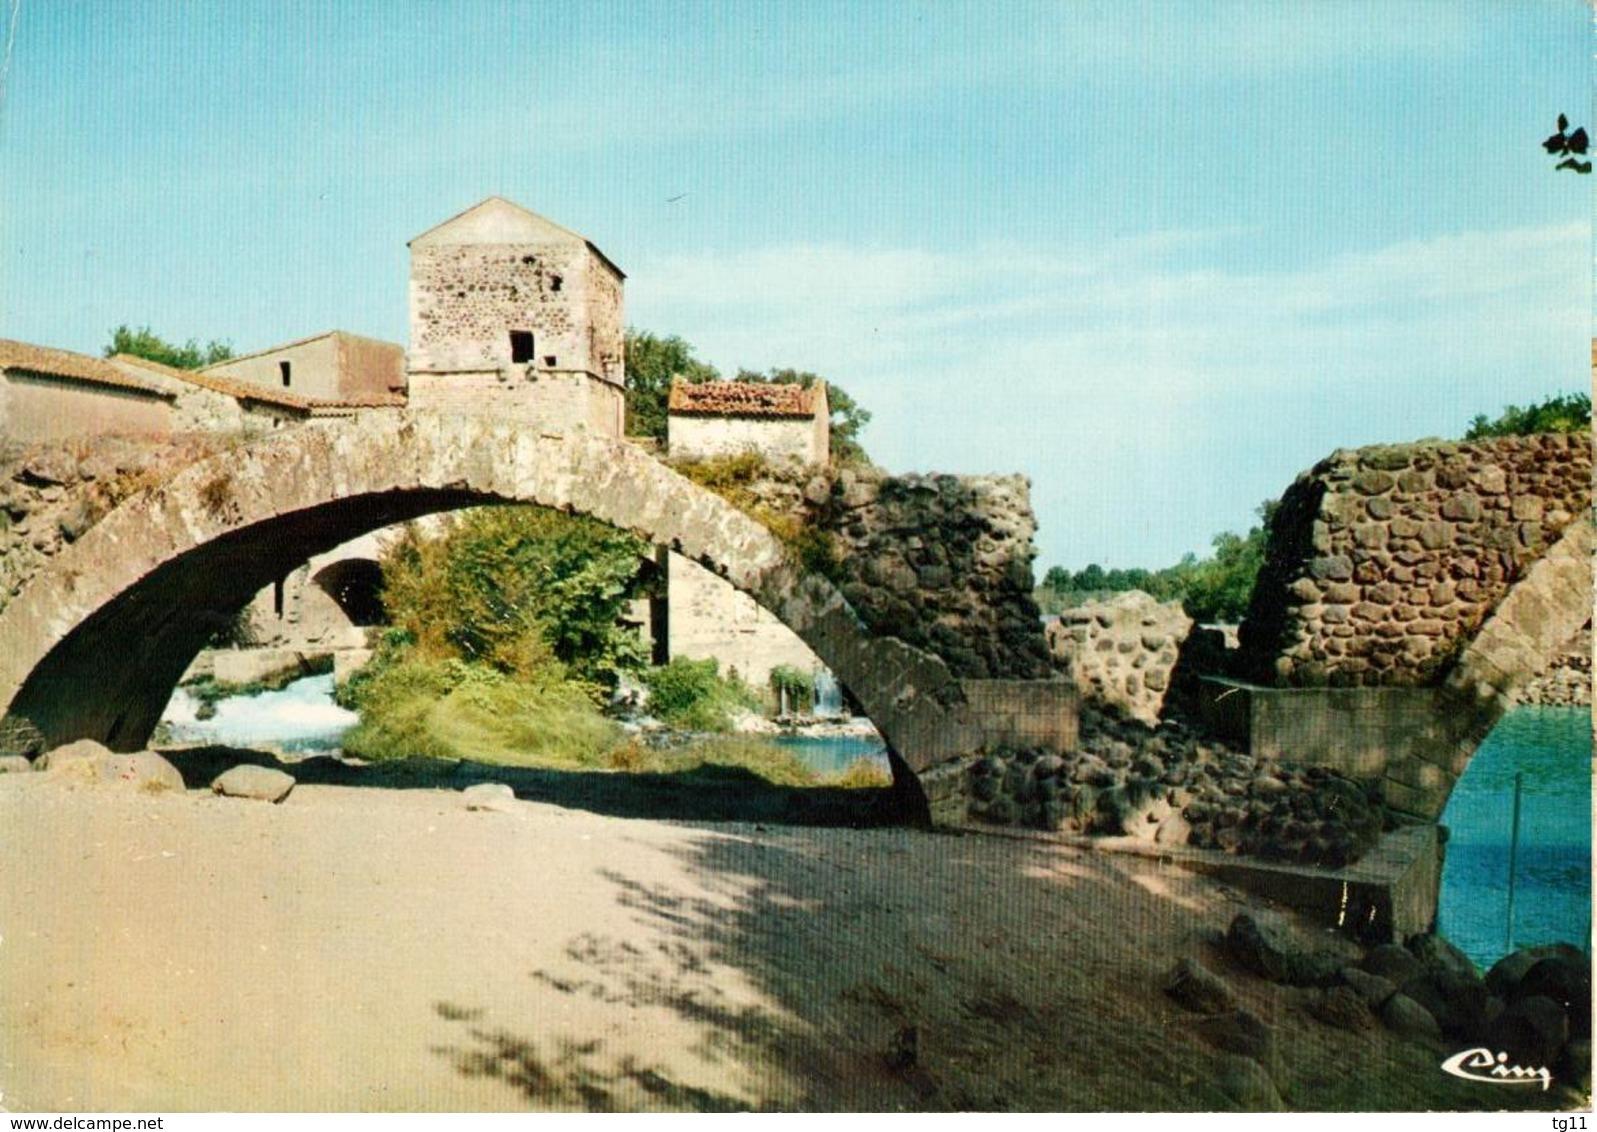 34 - SAINT THIBERY - LE PONT ROMAIN AVEC LE VIEUX MOULIN - Sonstige Gemeinden